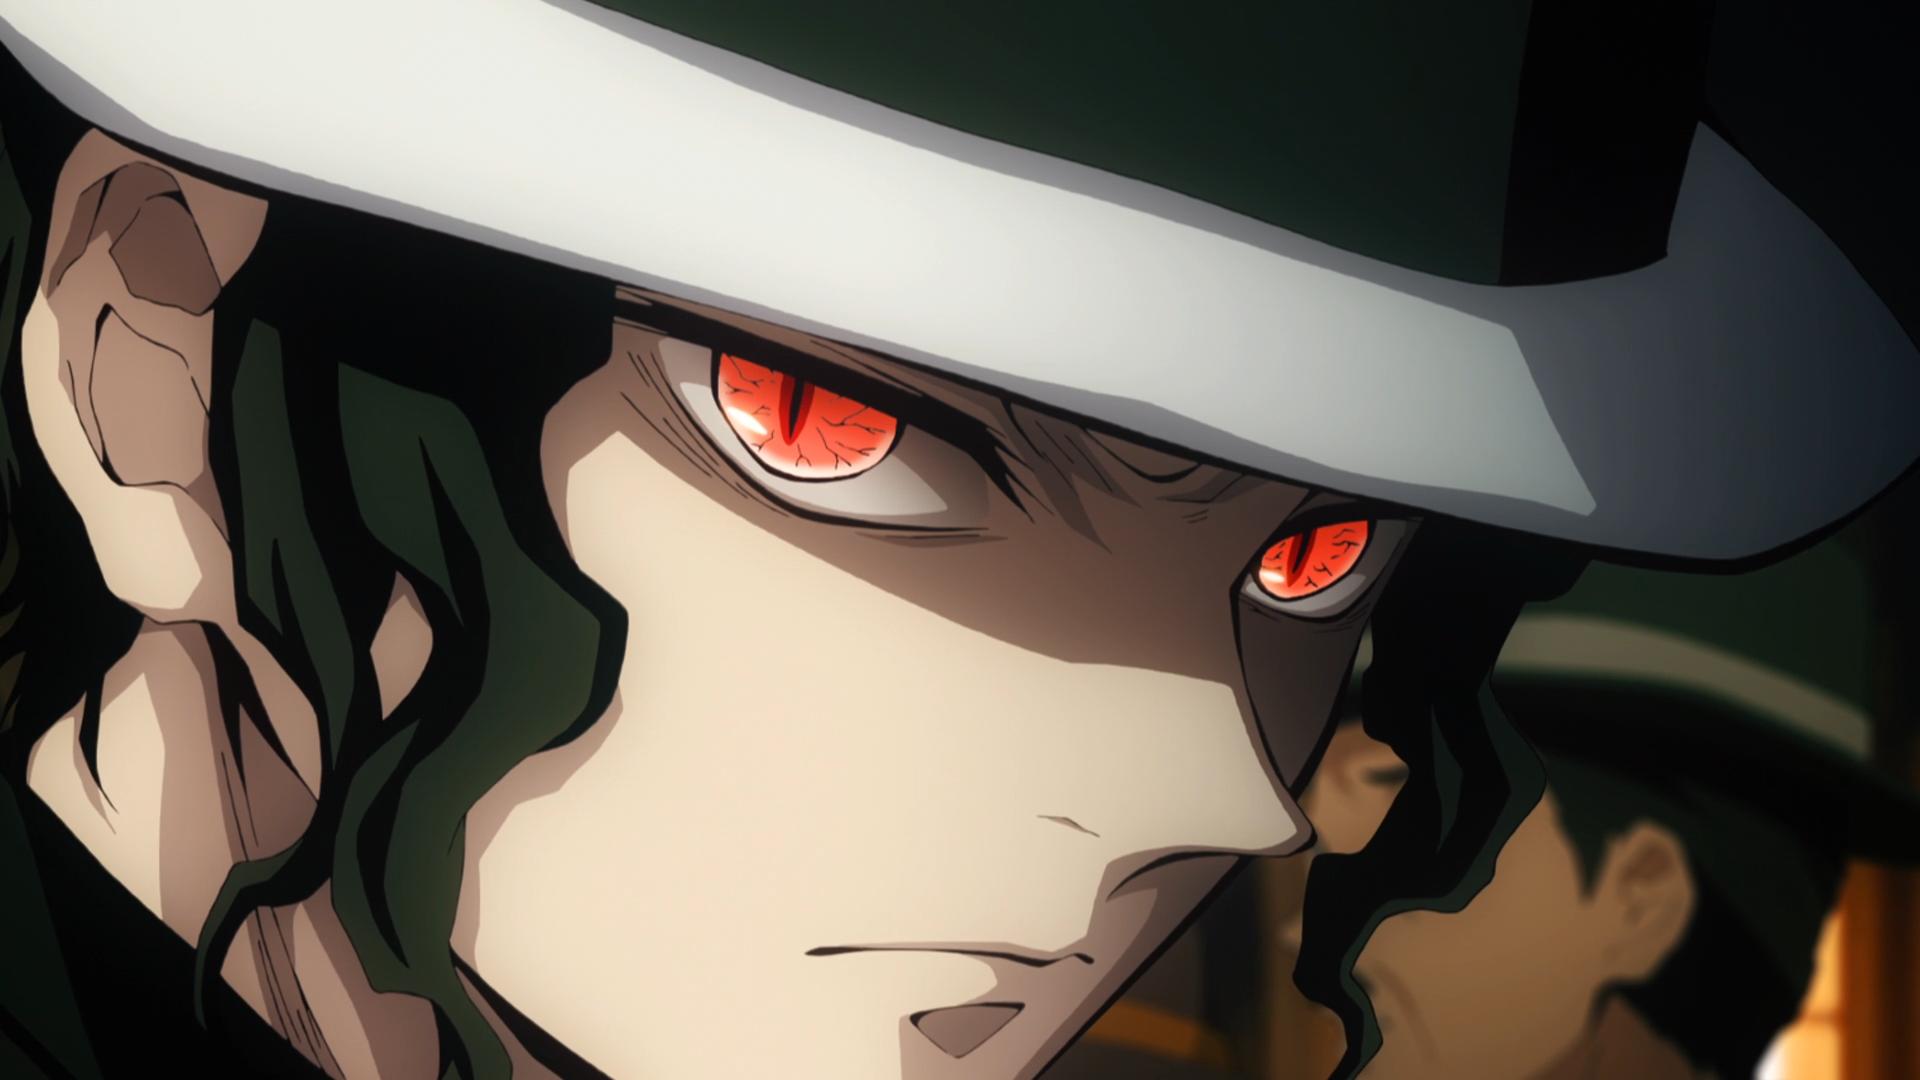 Demon Slayer: Kimetsu No Yaiba Episode 7 Review